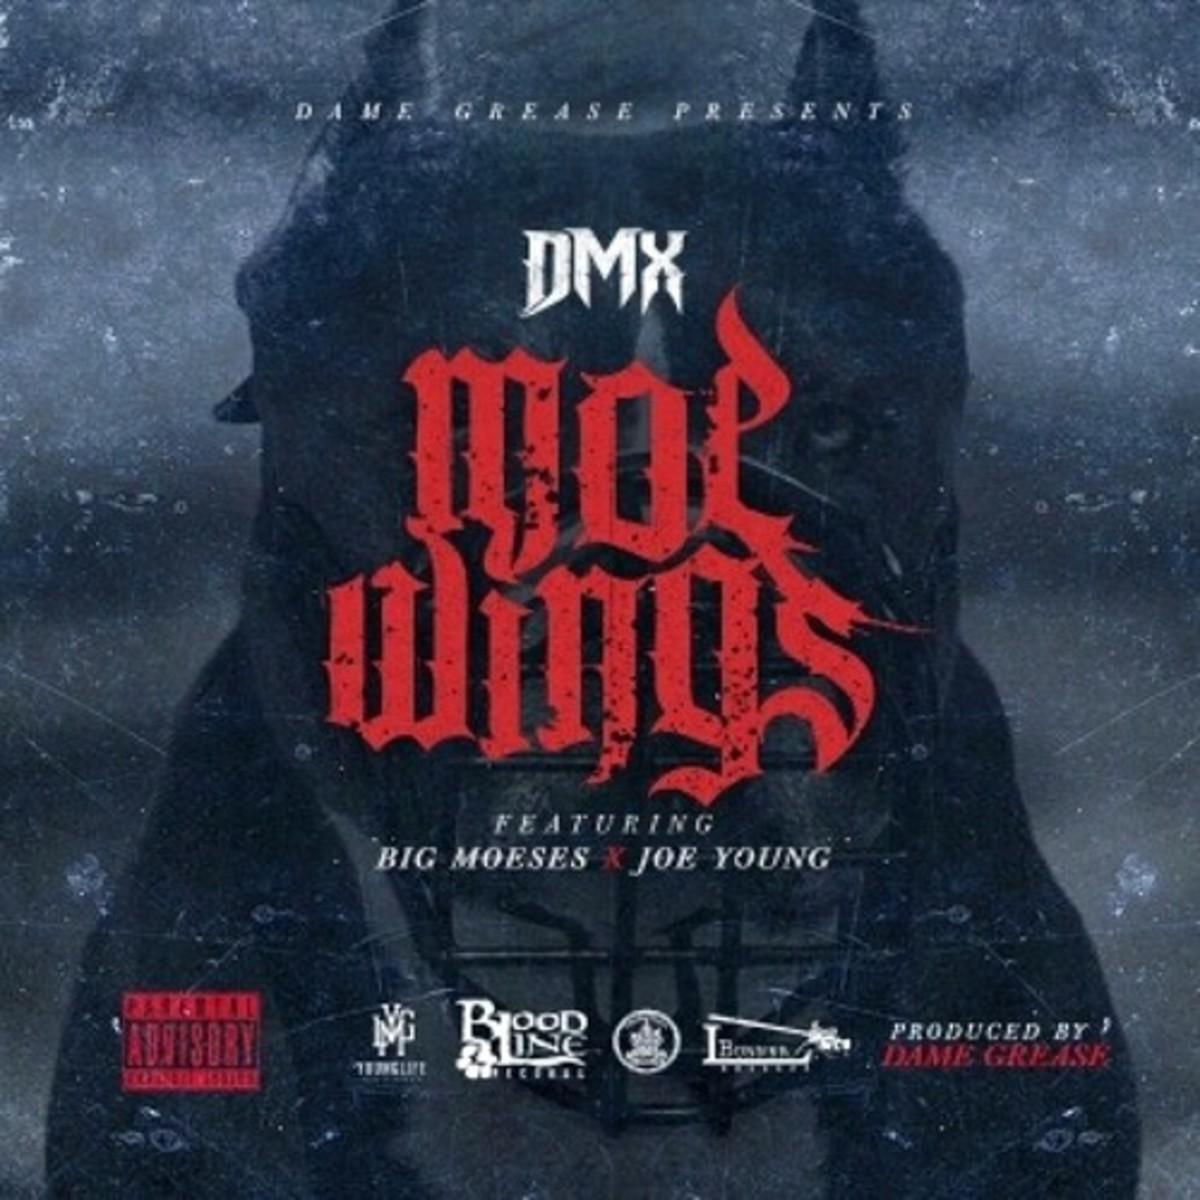 dmx-moe-wings.jpg